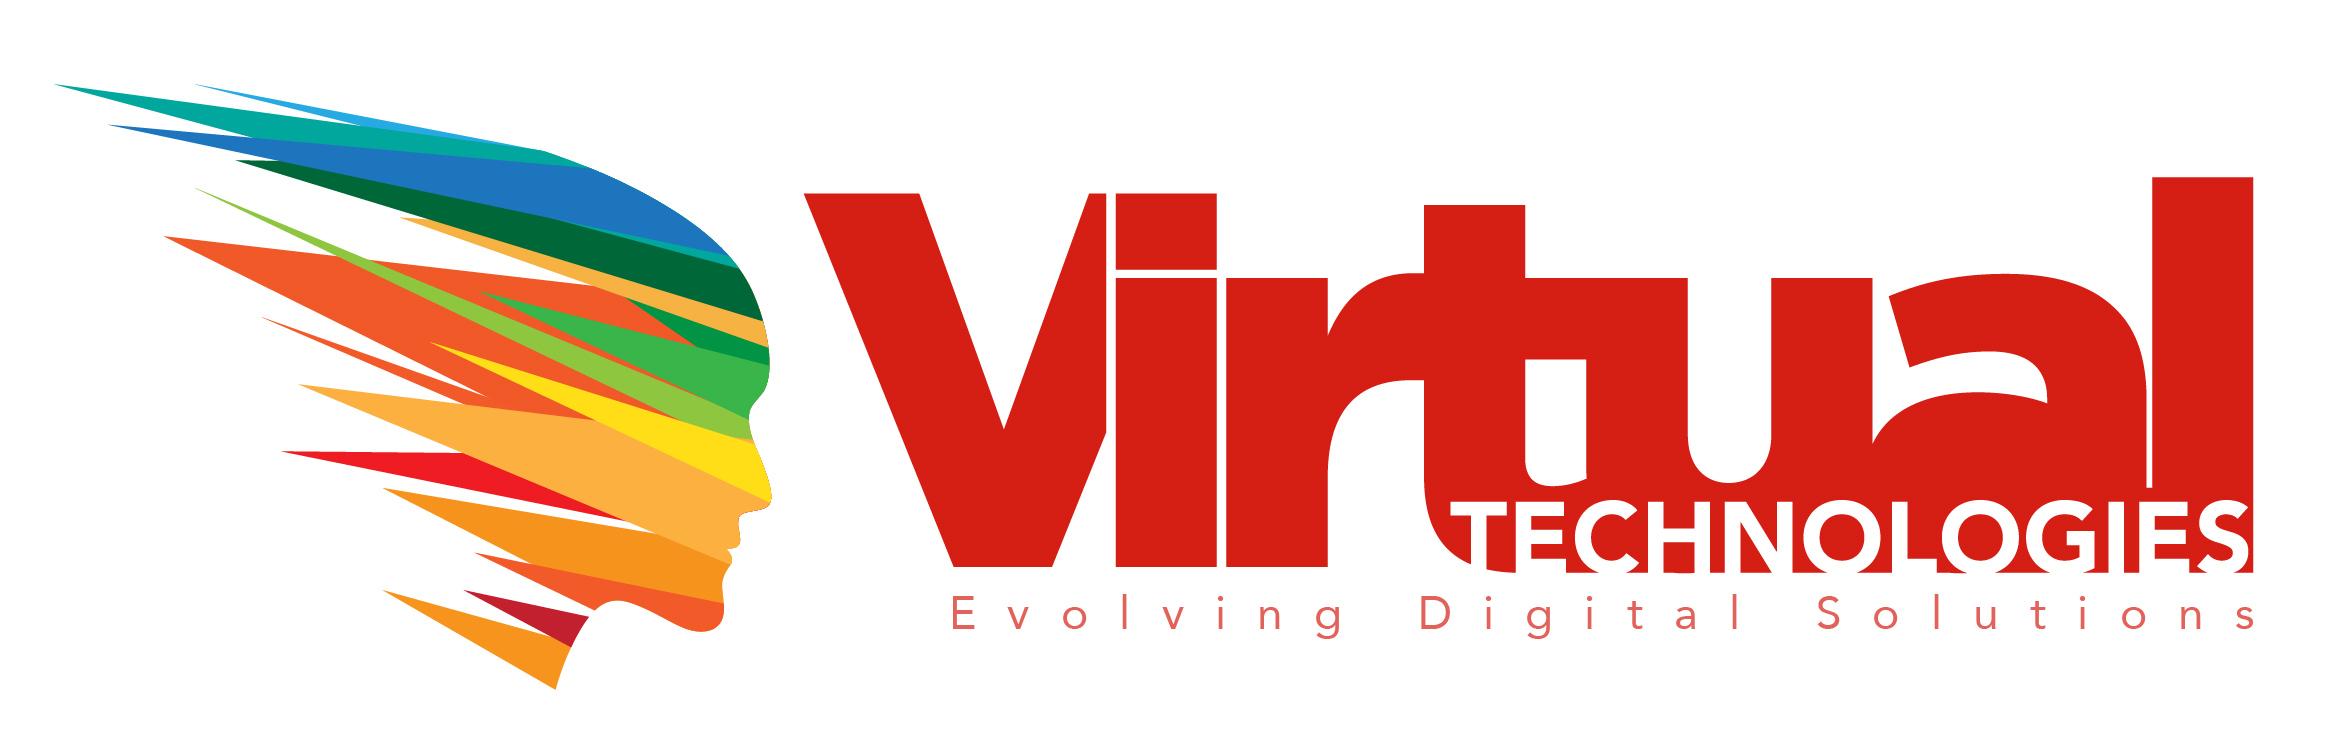 VirtualTechLogo